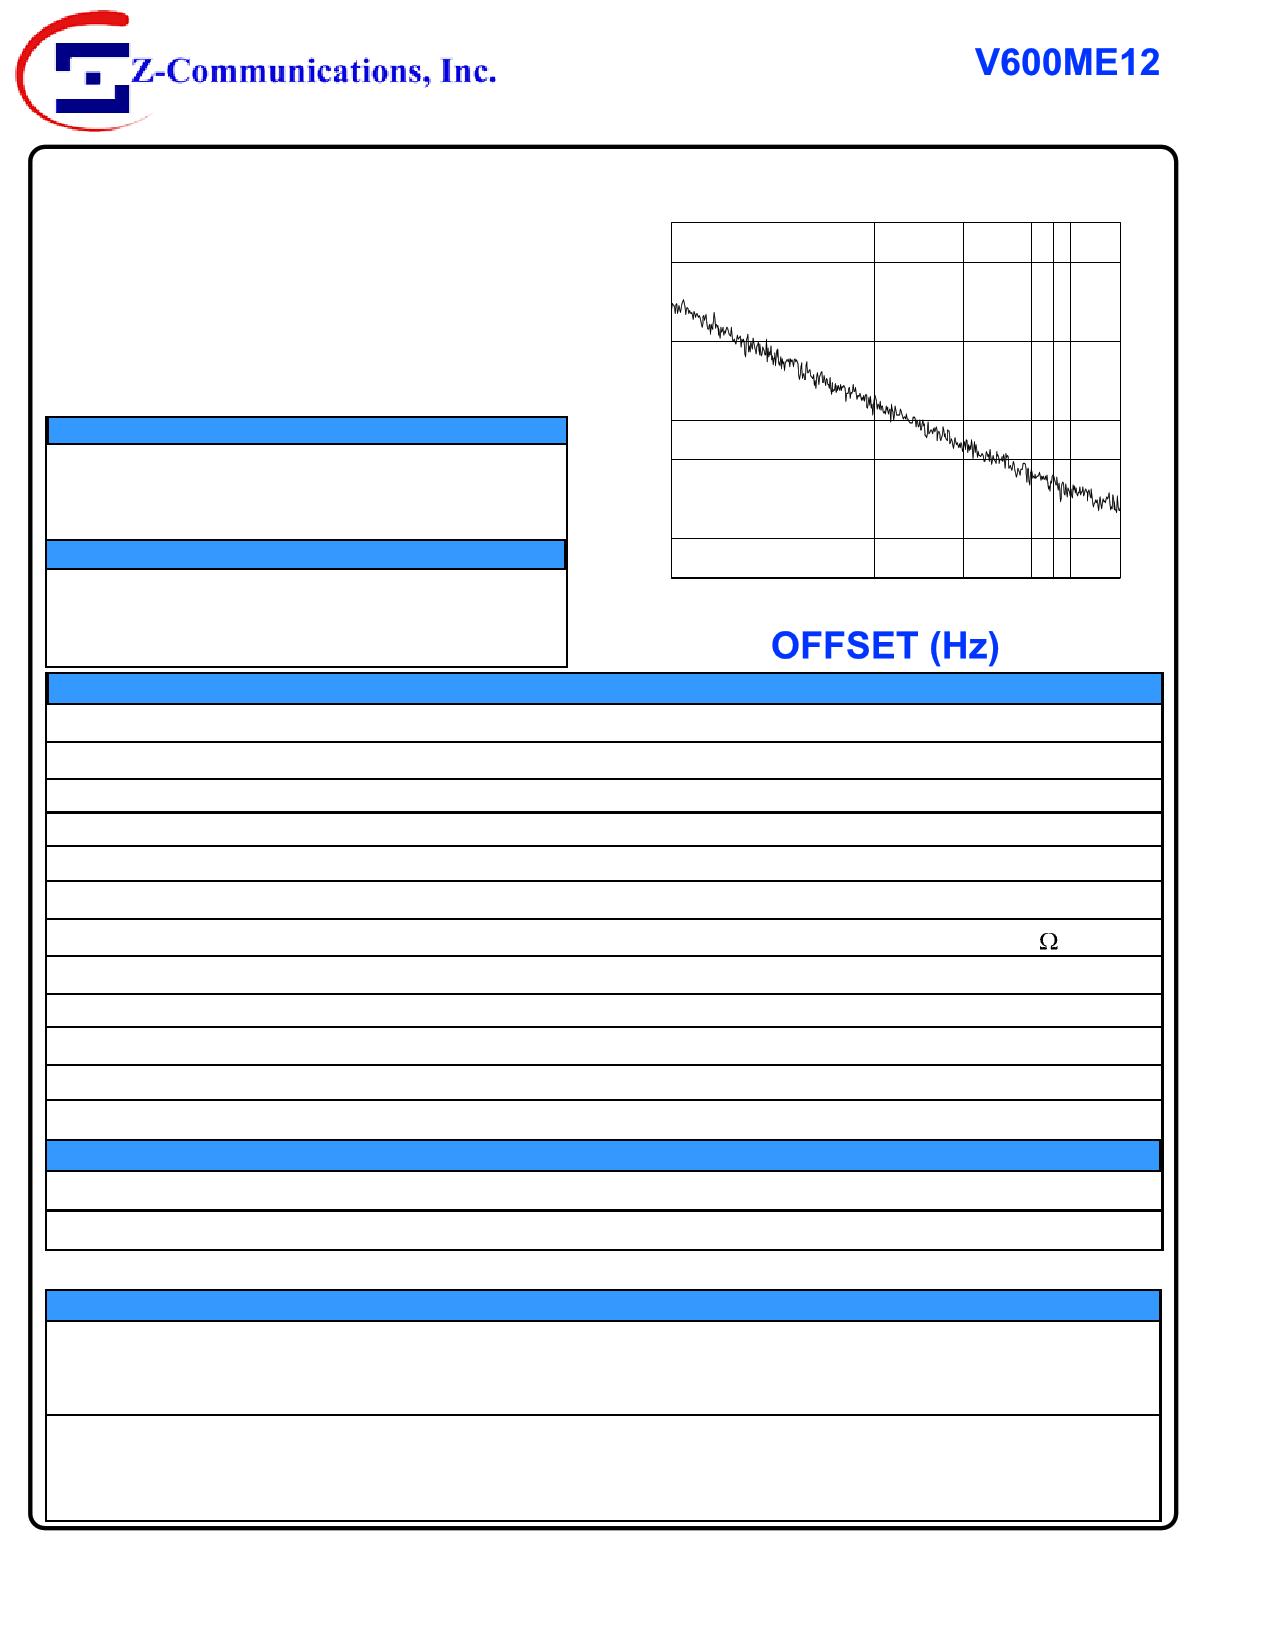 V600ME12 datasheet